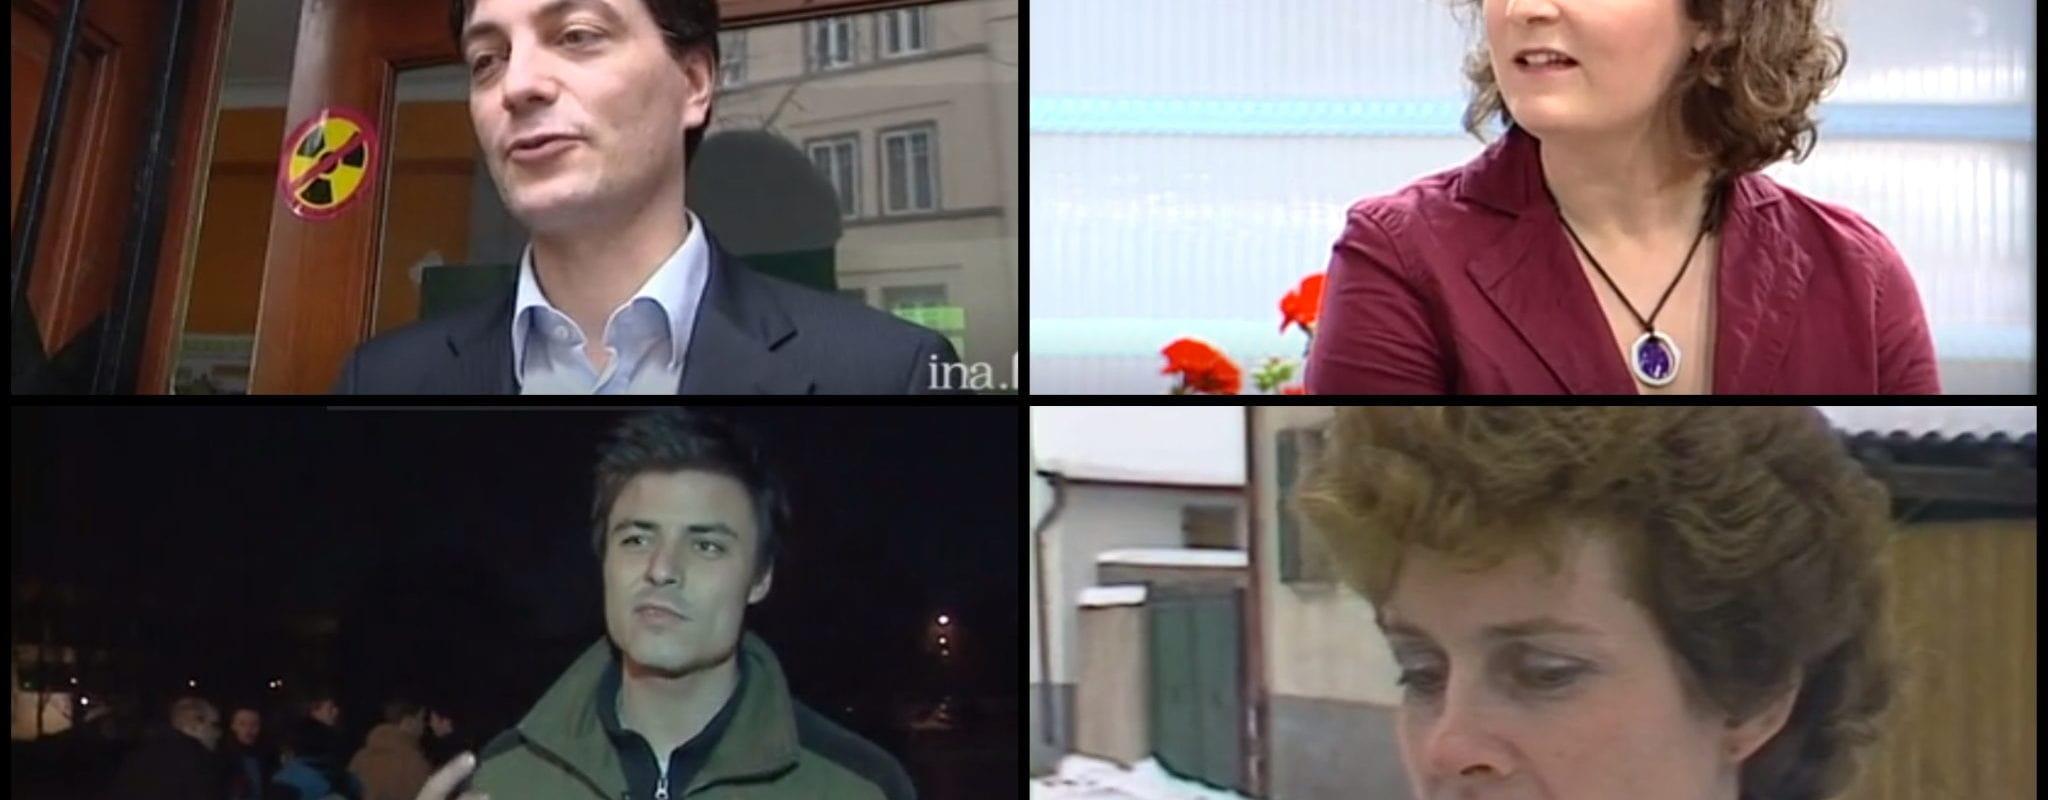 Municipales: Quand les candidats passaient pour la première fois à la télévision